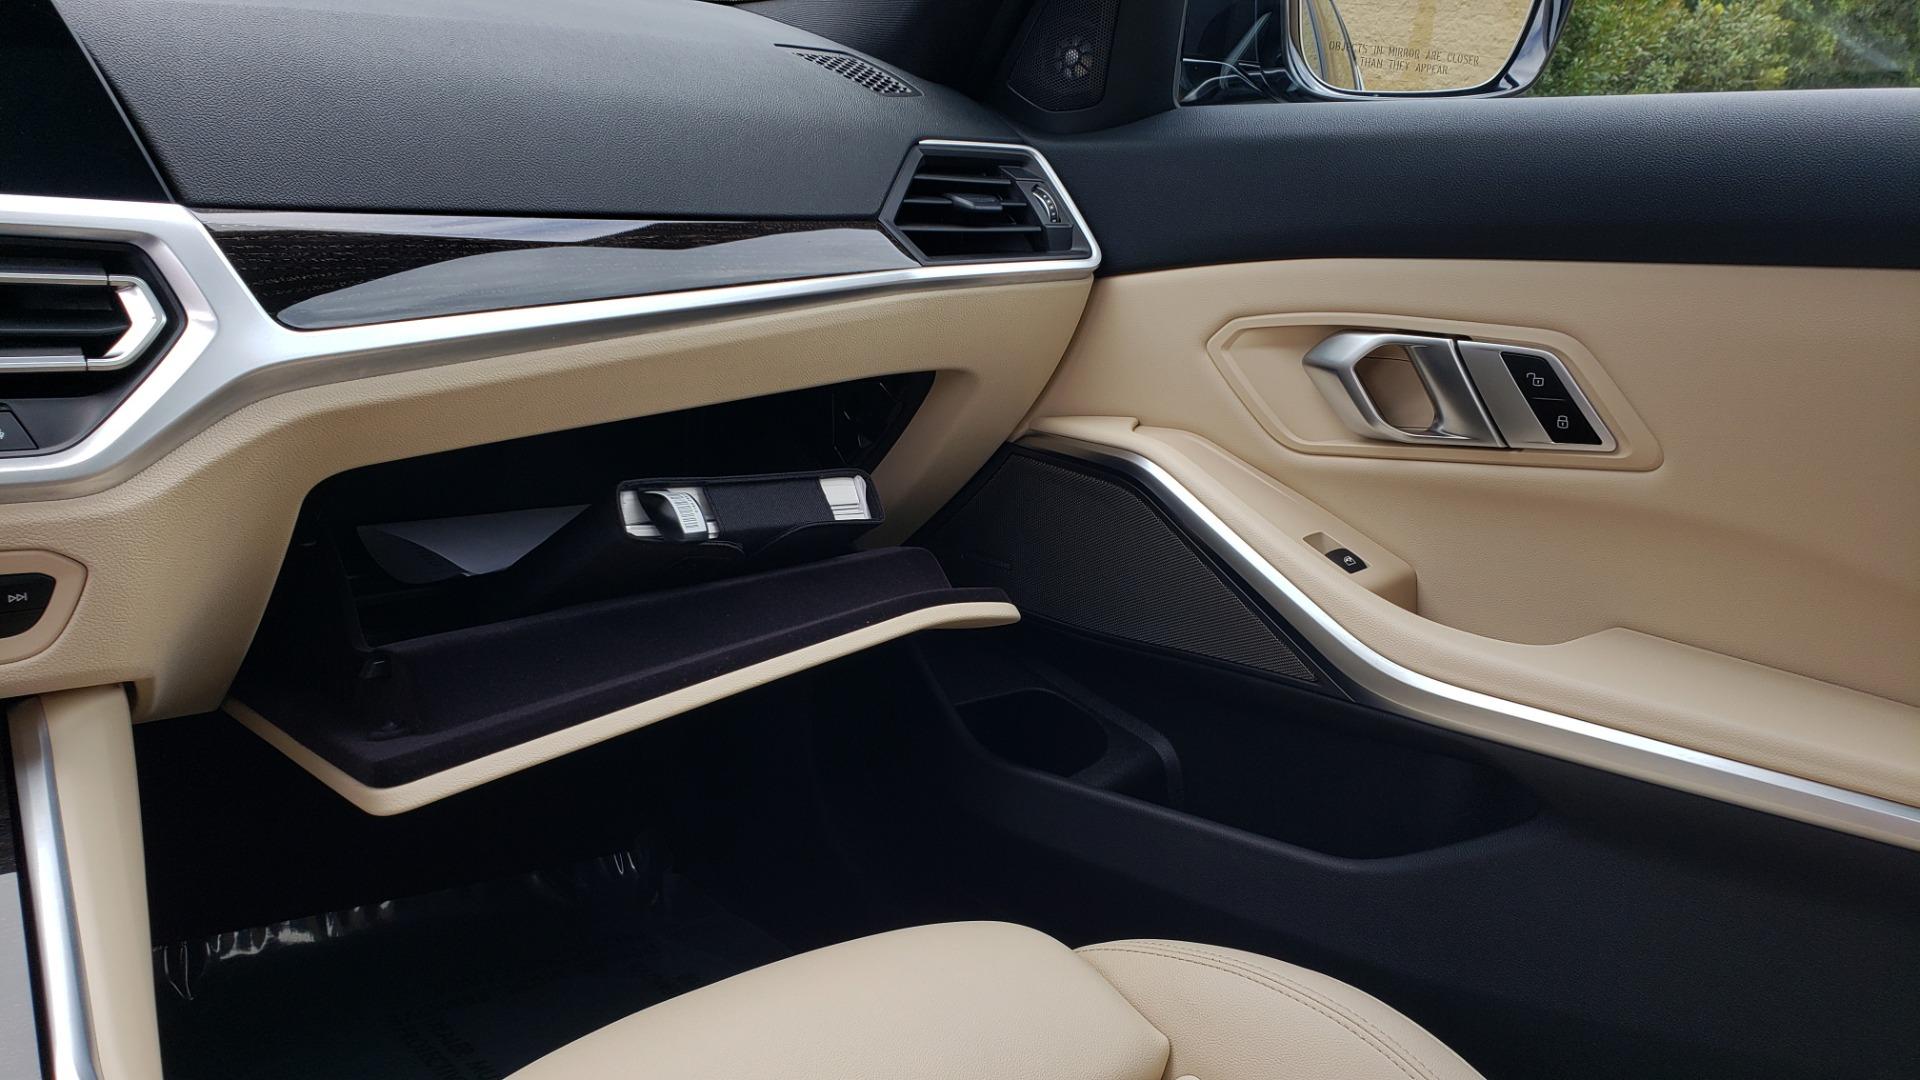 Used 2019 BMW 3 SERIES 330I PREM PKG / NAV / CONV PKG / H&K SND / LIVE COCKPIT PRO for sale Sold at Formula Imports in Charlotte NC 28227 54